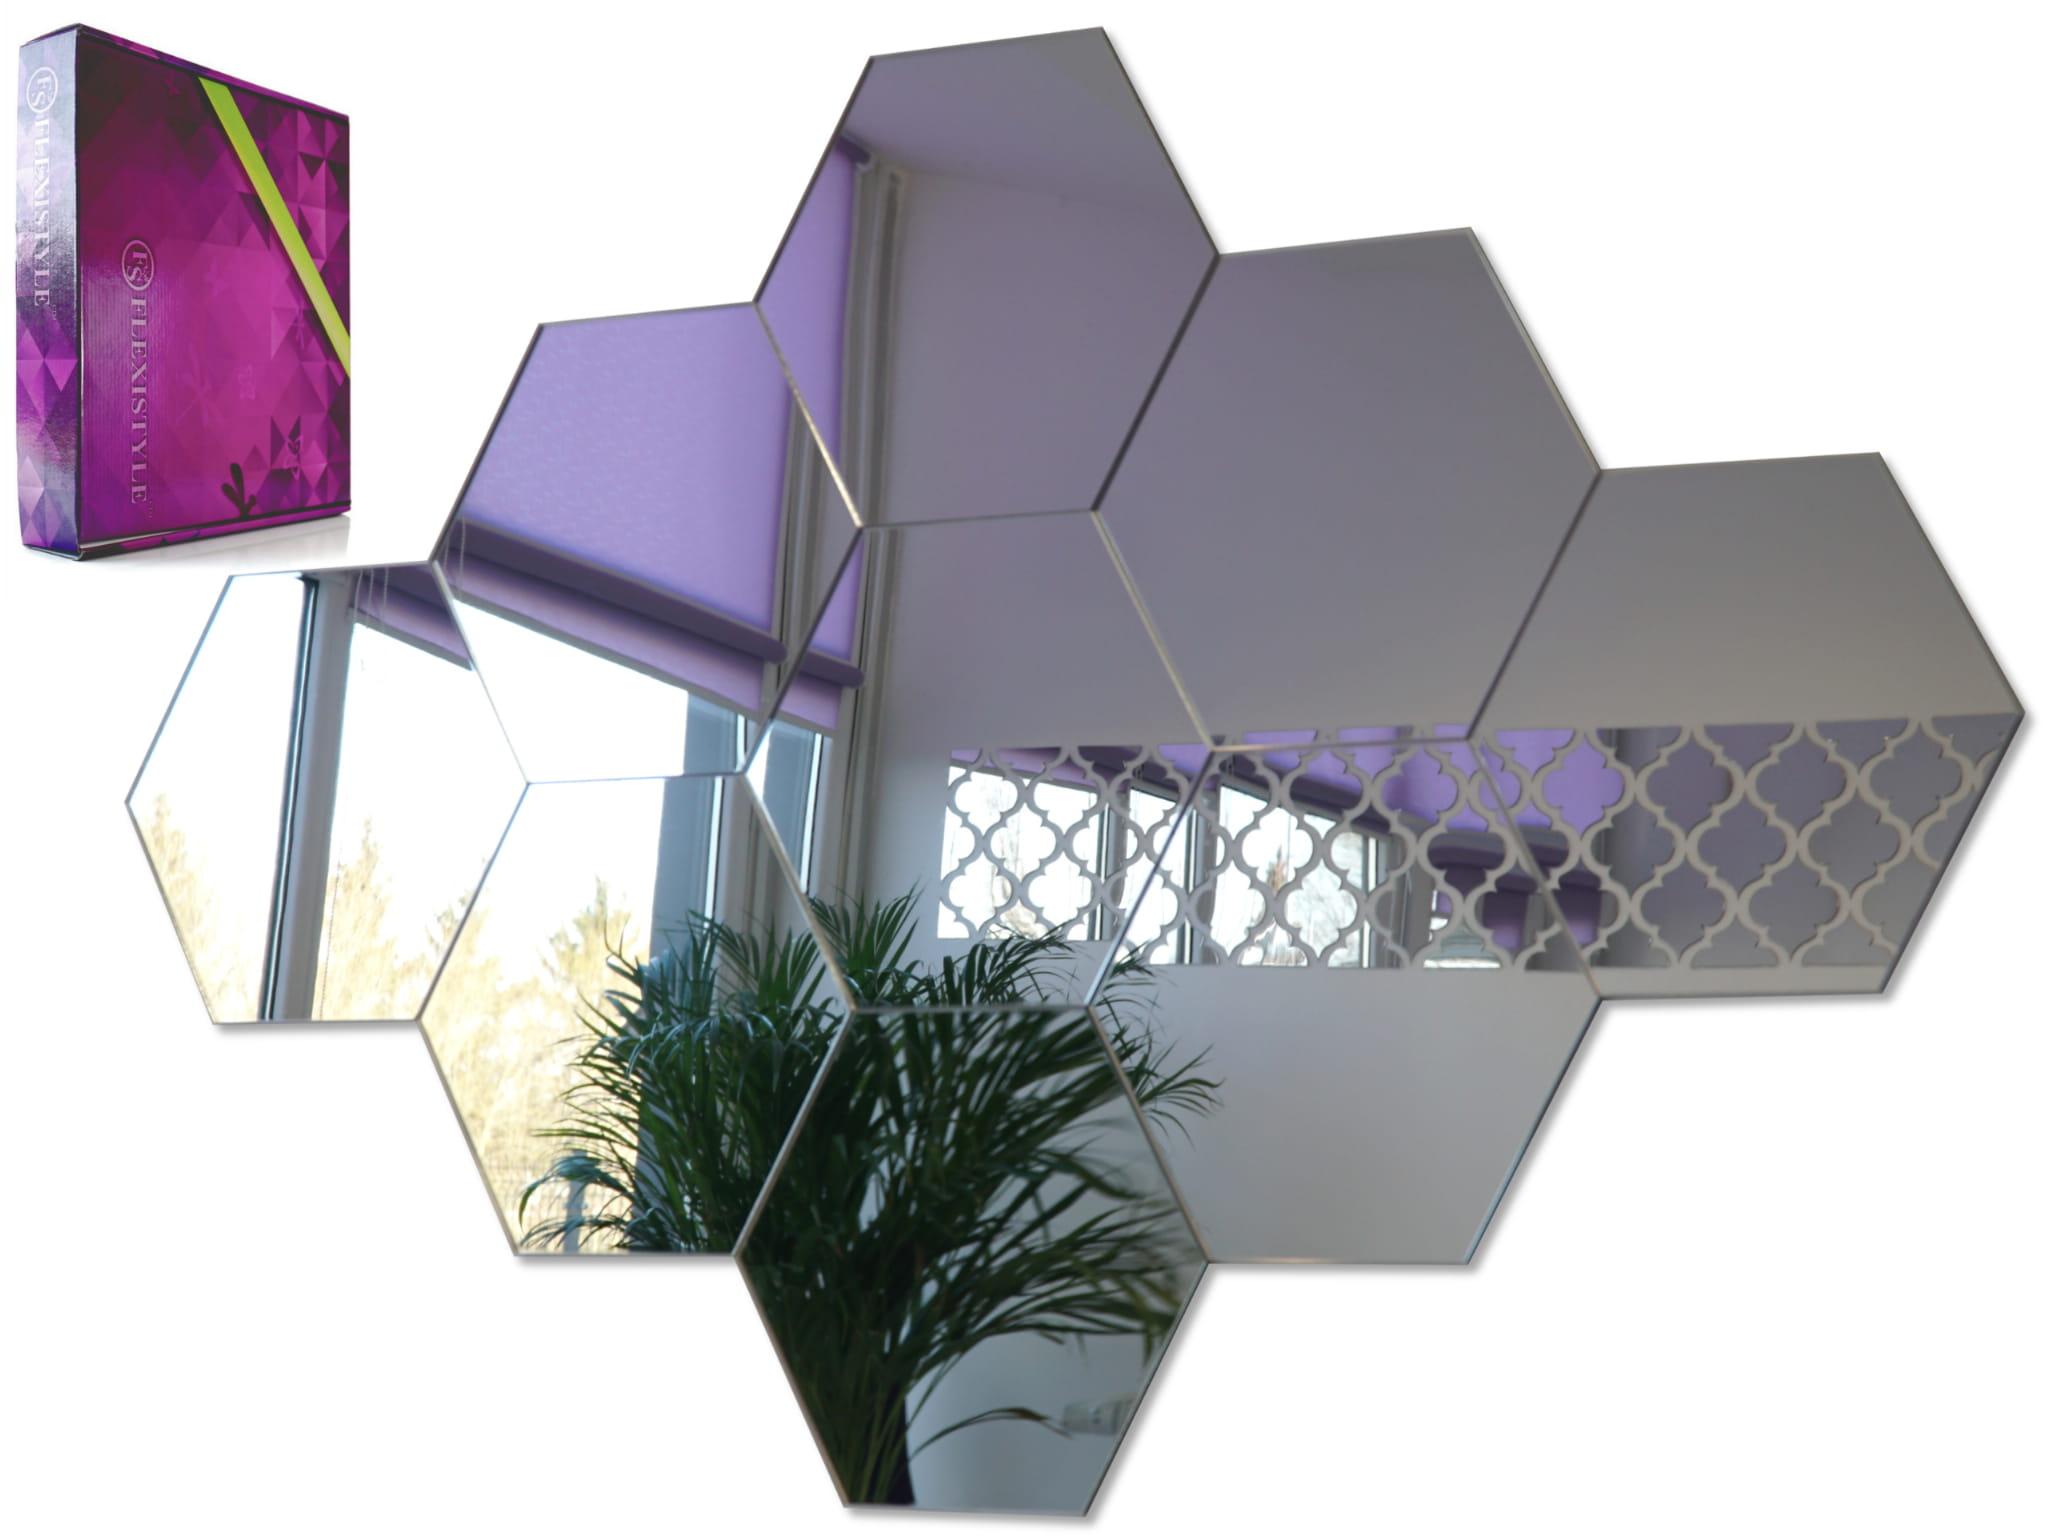 Lustra Dekoracyjne Hexagony Zestaw